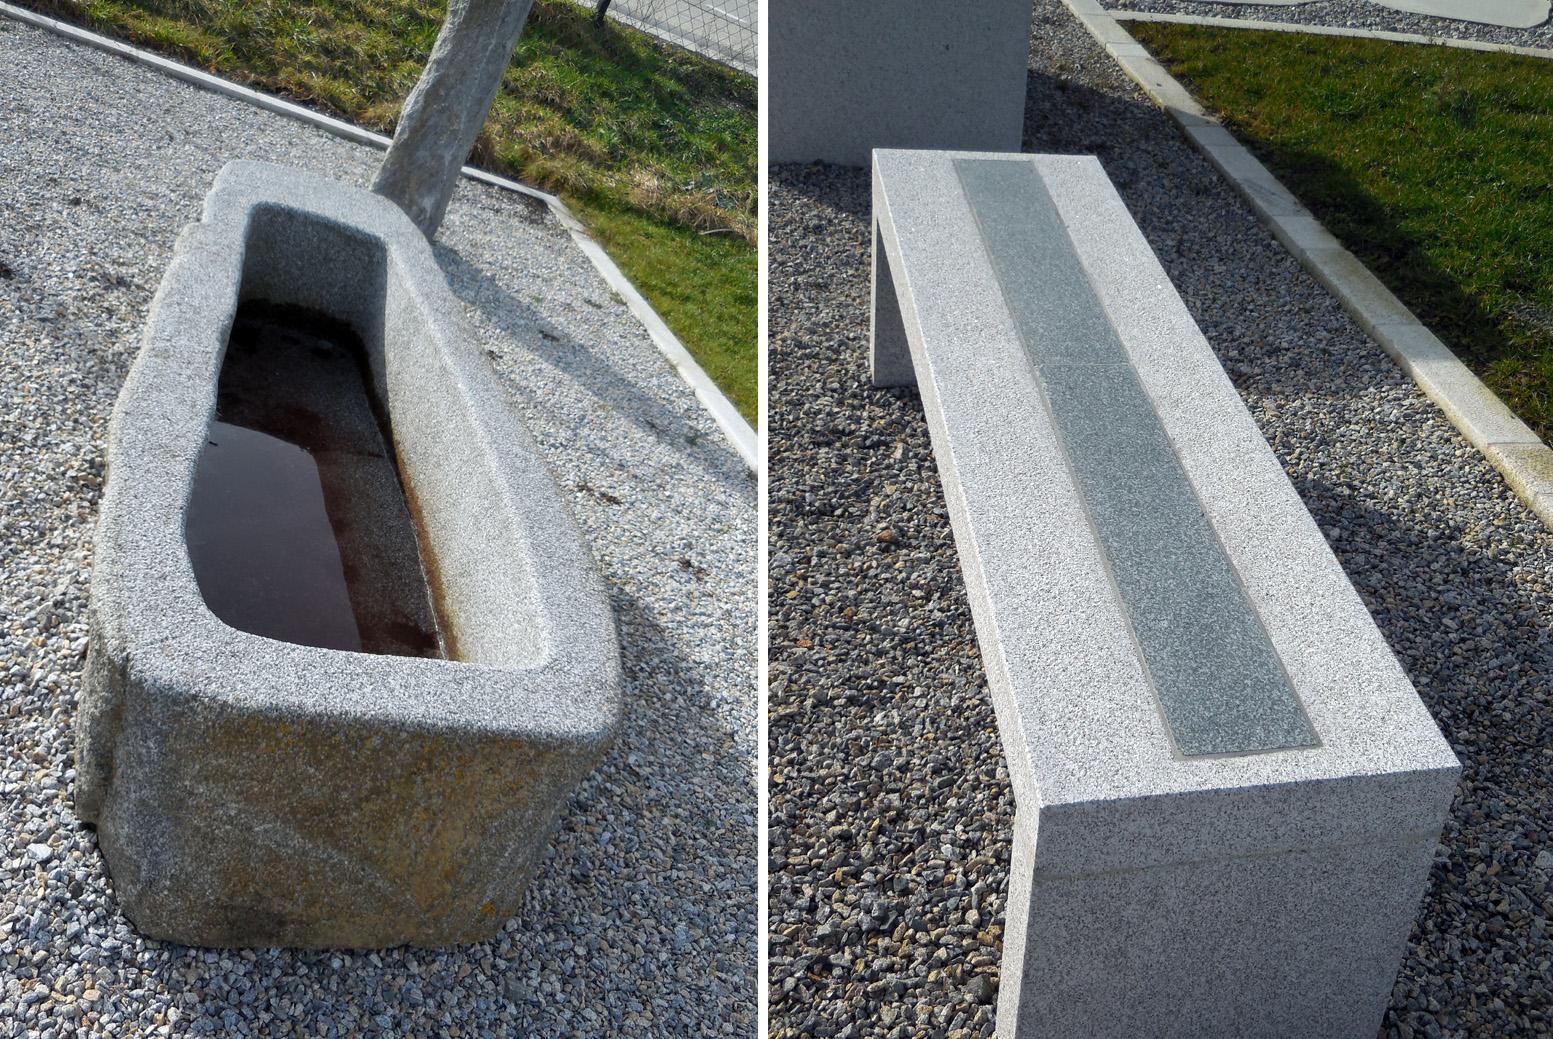 Naturstein Design, Gartenbänke, Tröge, Findlinge, Steine, Bodenplatten, Grander, Innviertel, OÖ.